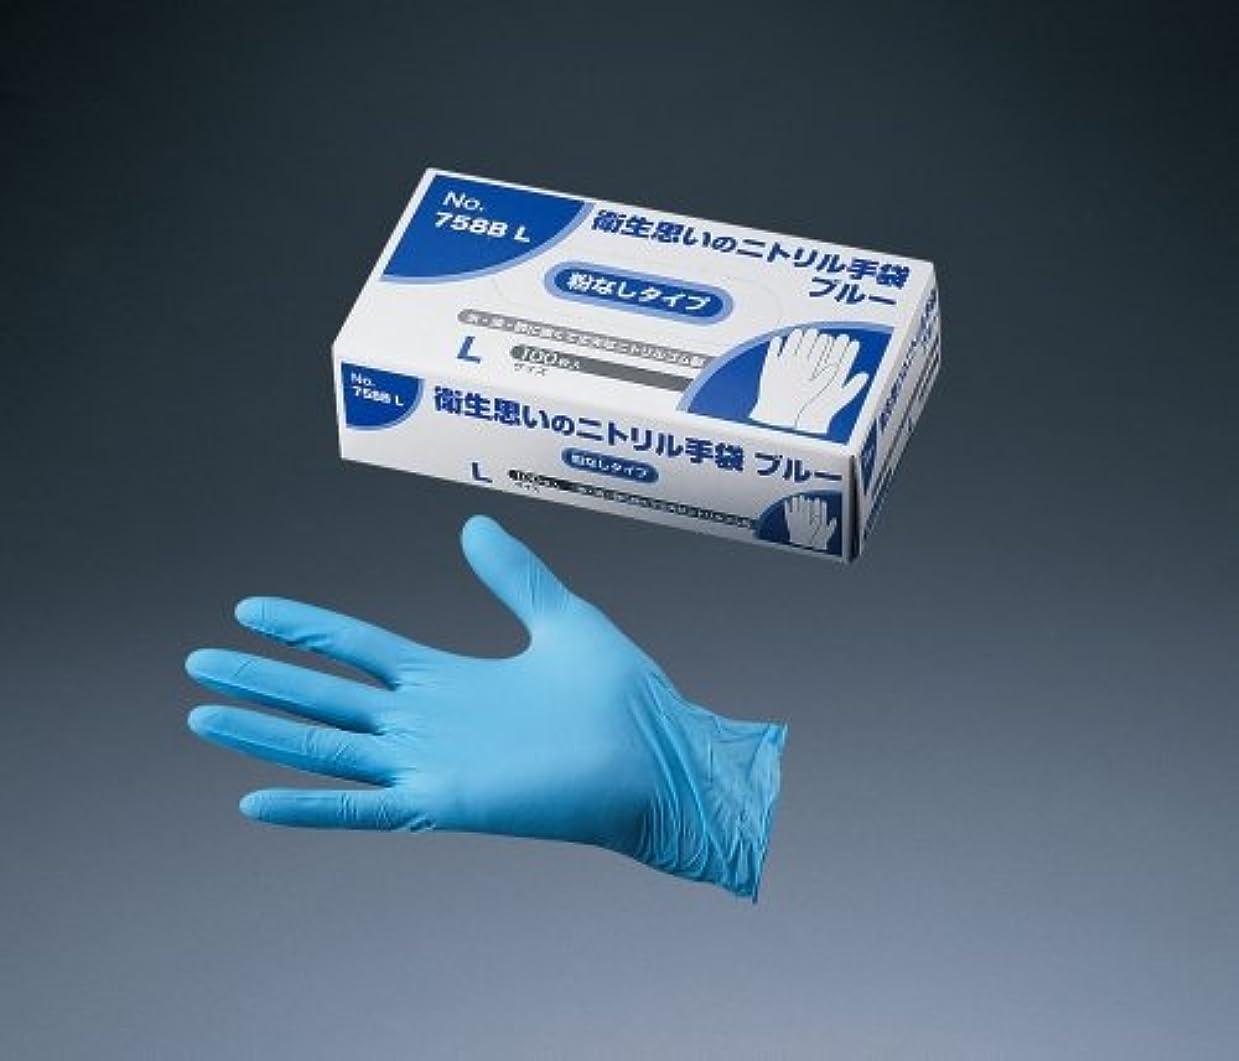 石灰岩否認する呼び起こす衛生思いのニトリル手袋(粉なし)ブルー No.758B S